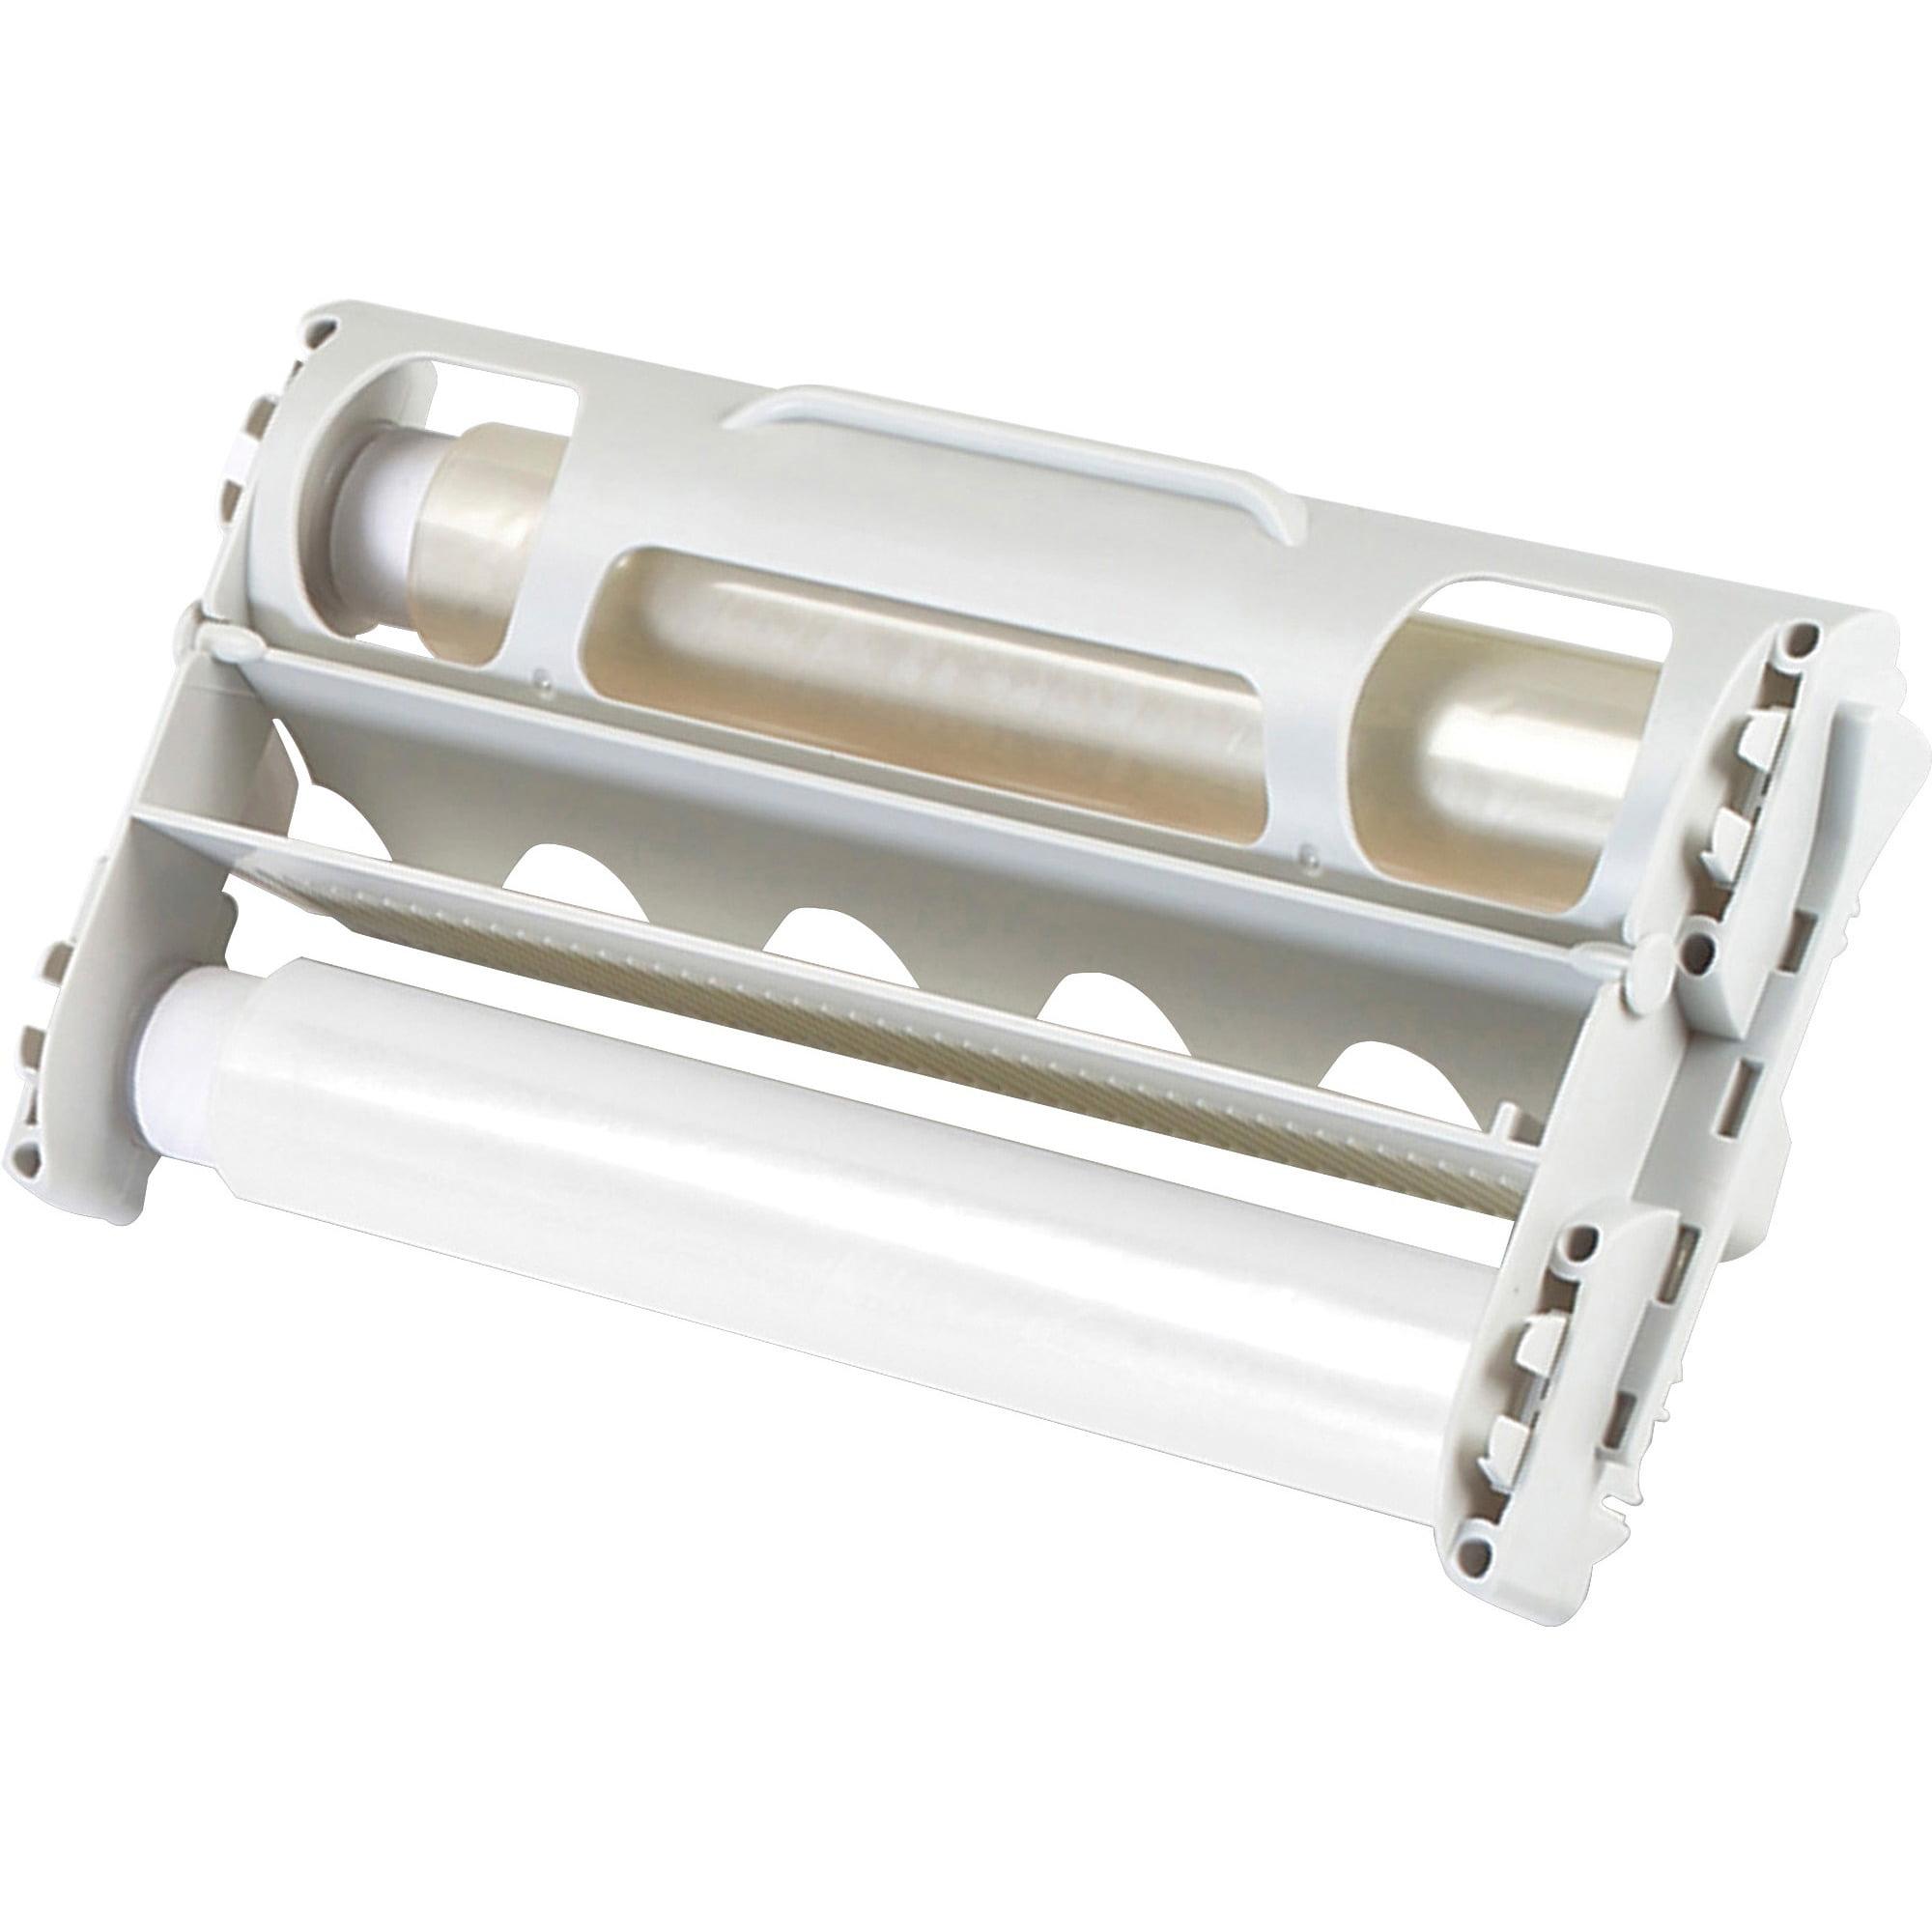 Xyron, XRN145612EZ, EZ Laminator Cartridge Refill, 1 Each, White